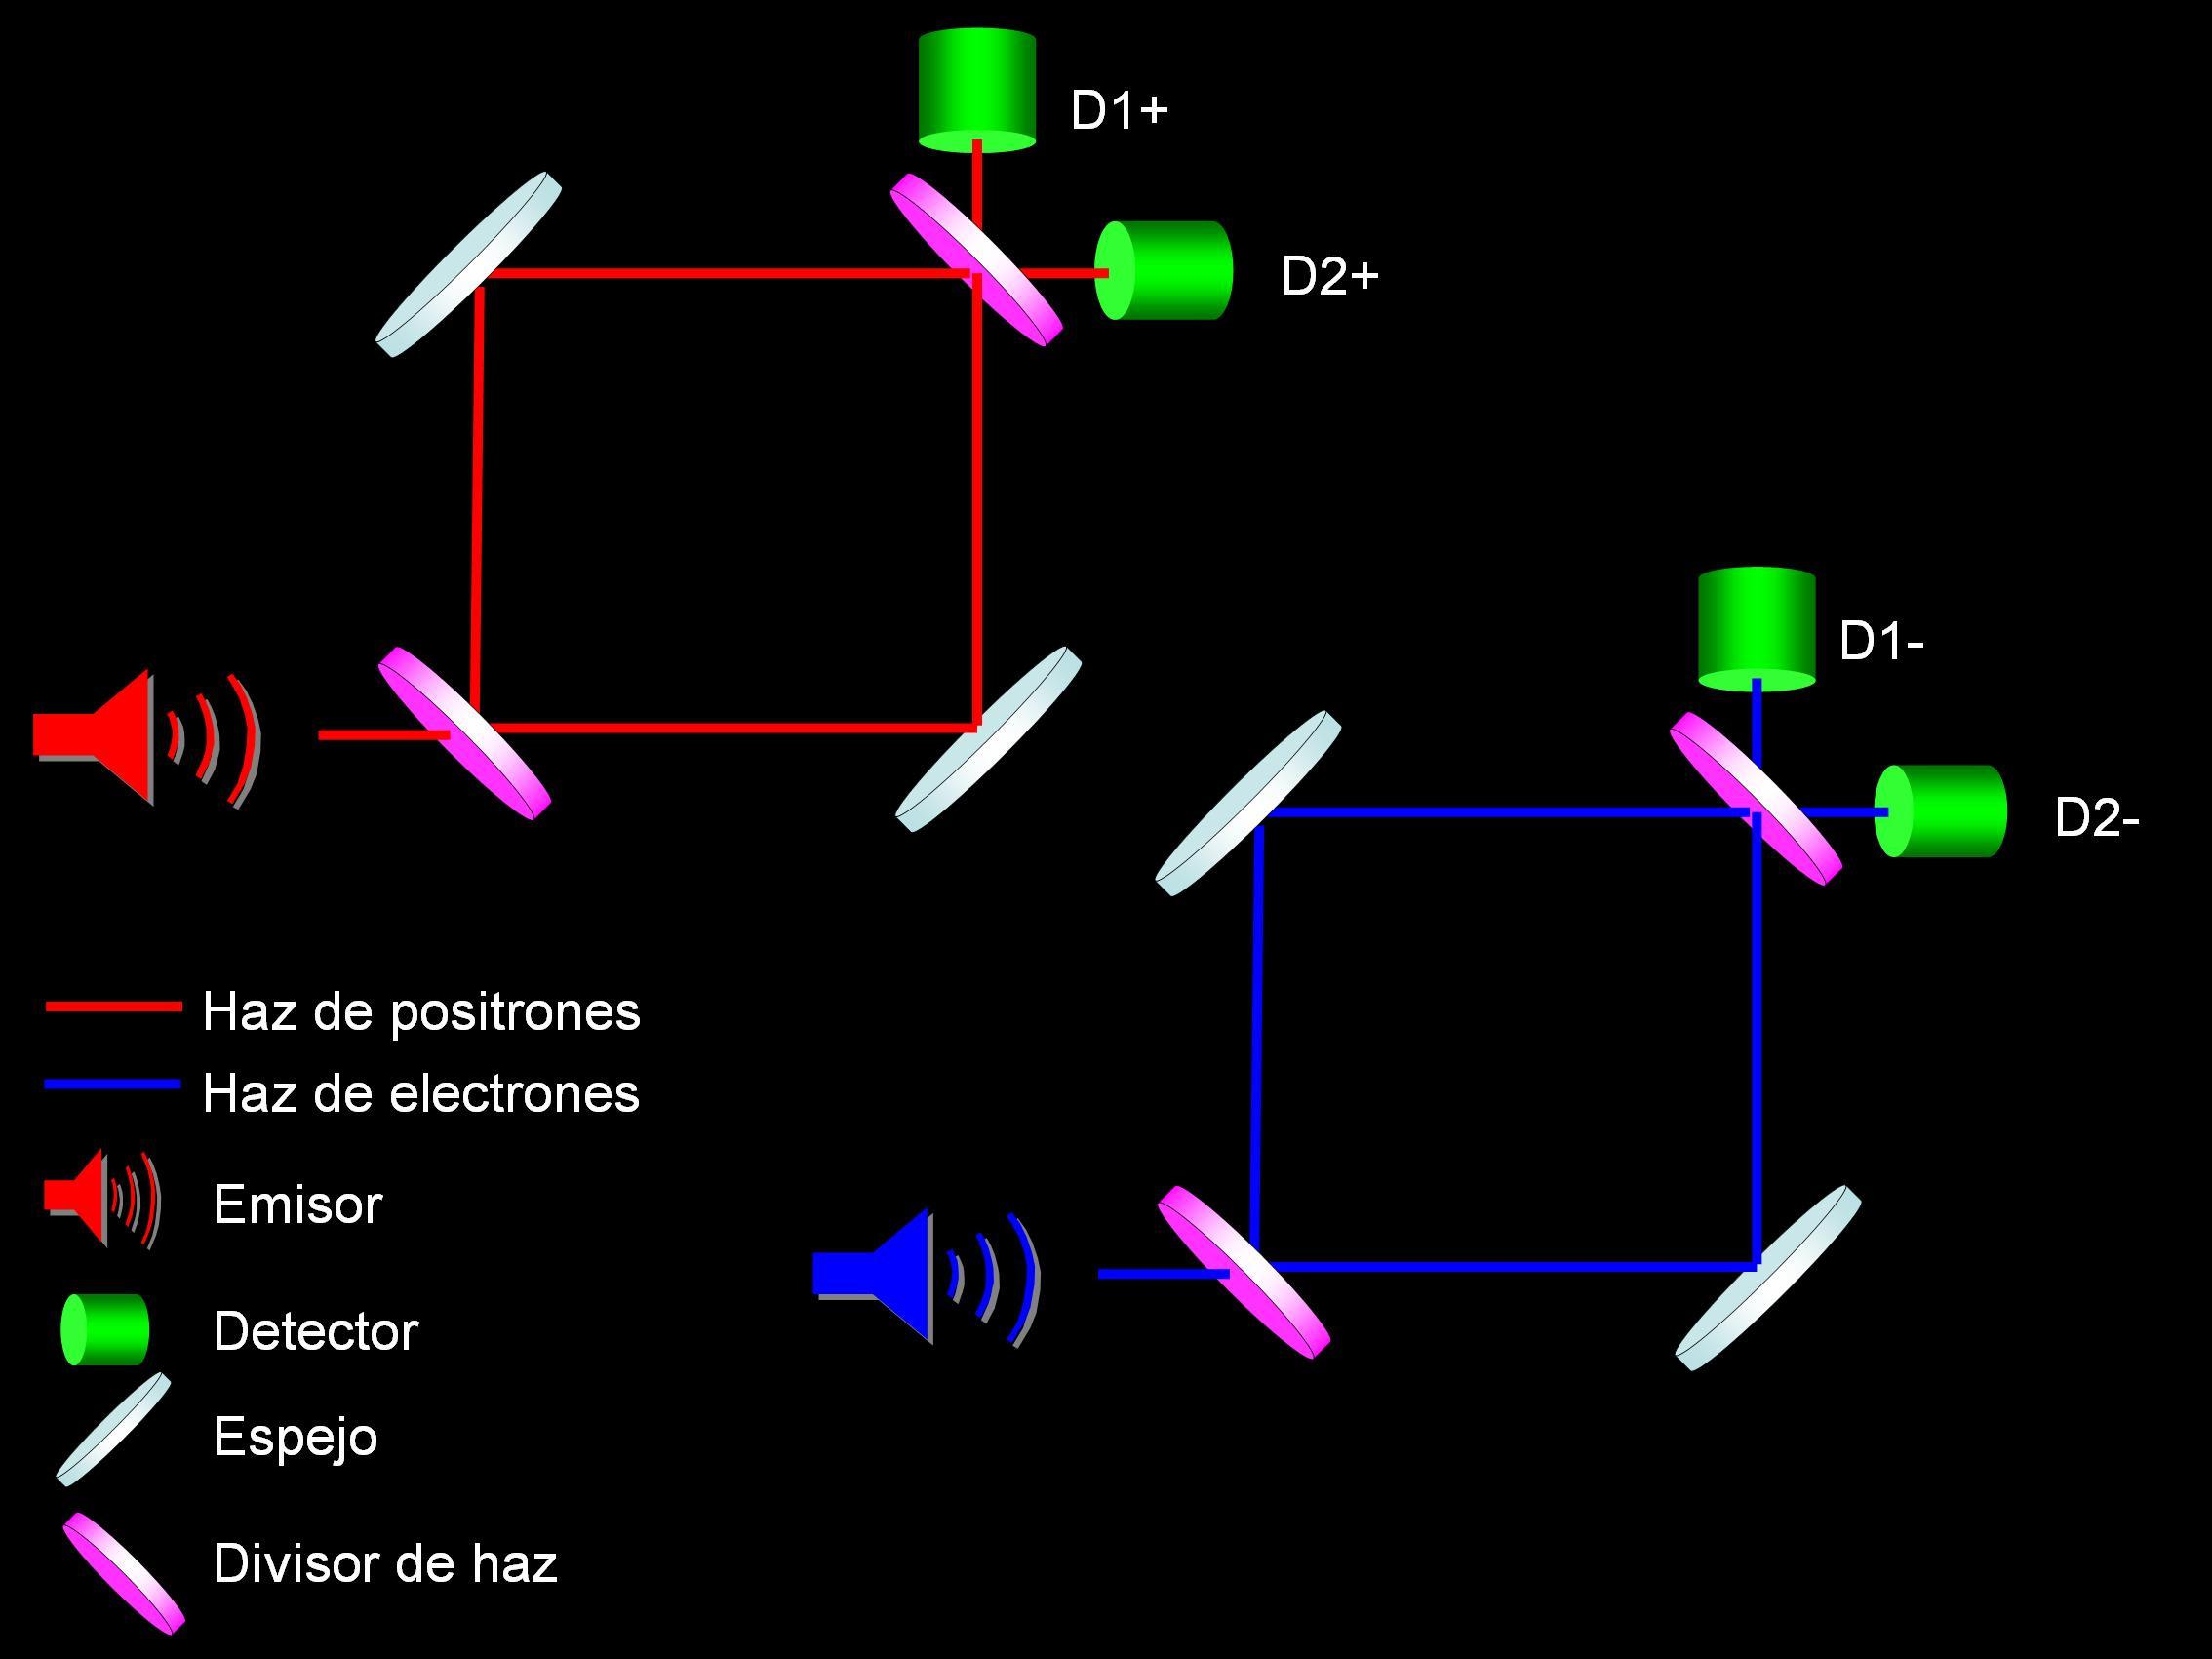 Interferómetro de Mach-Zender